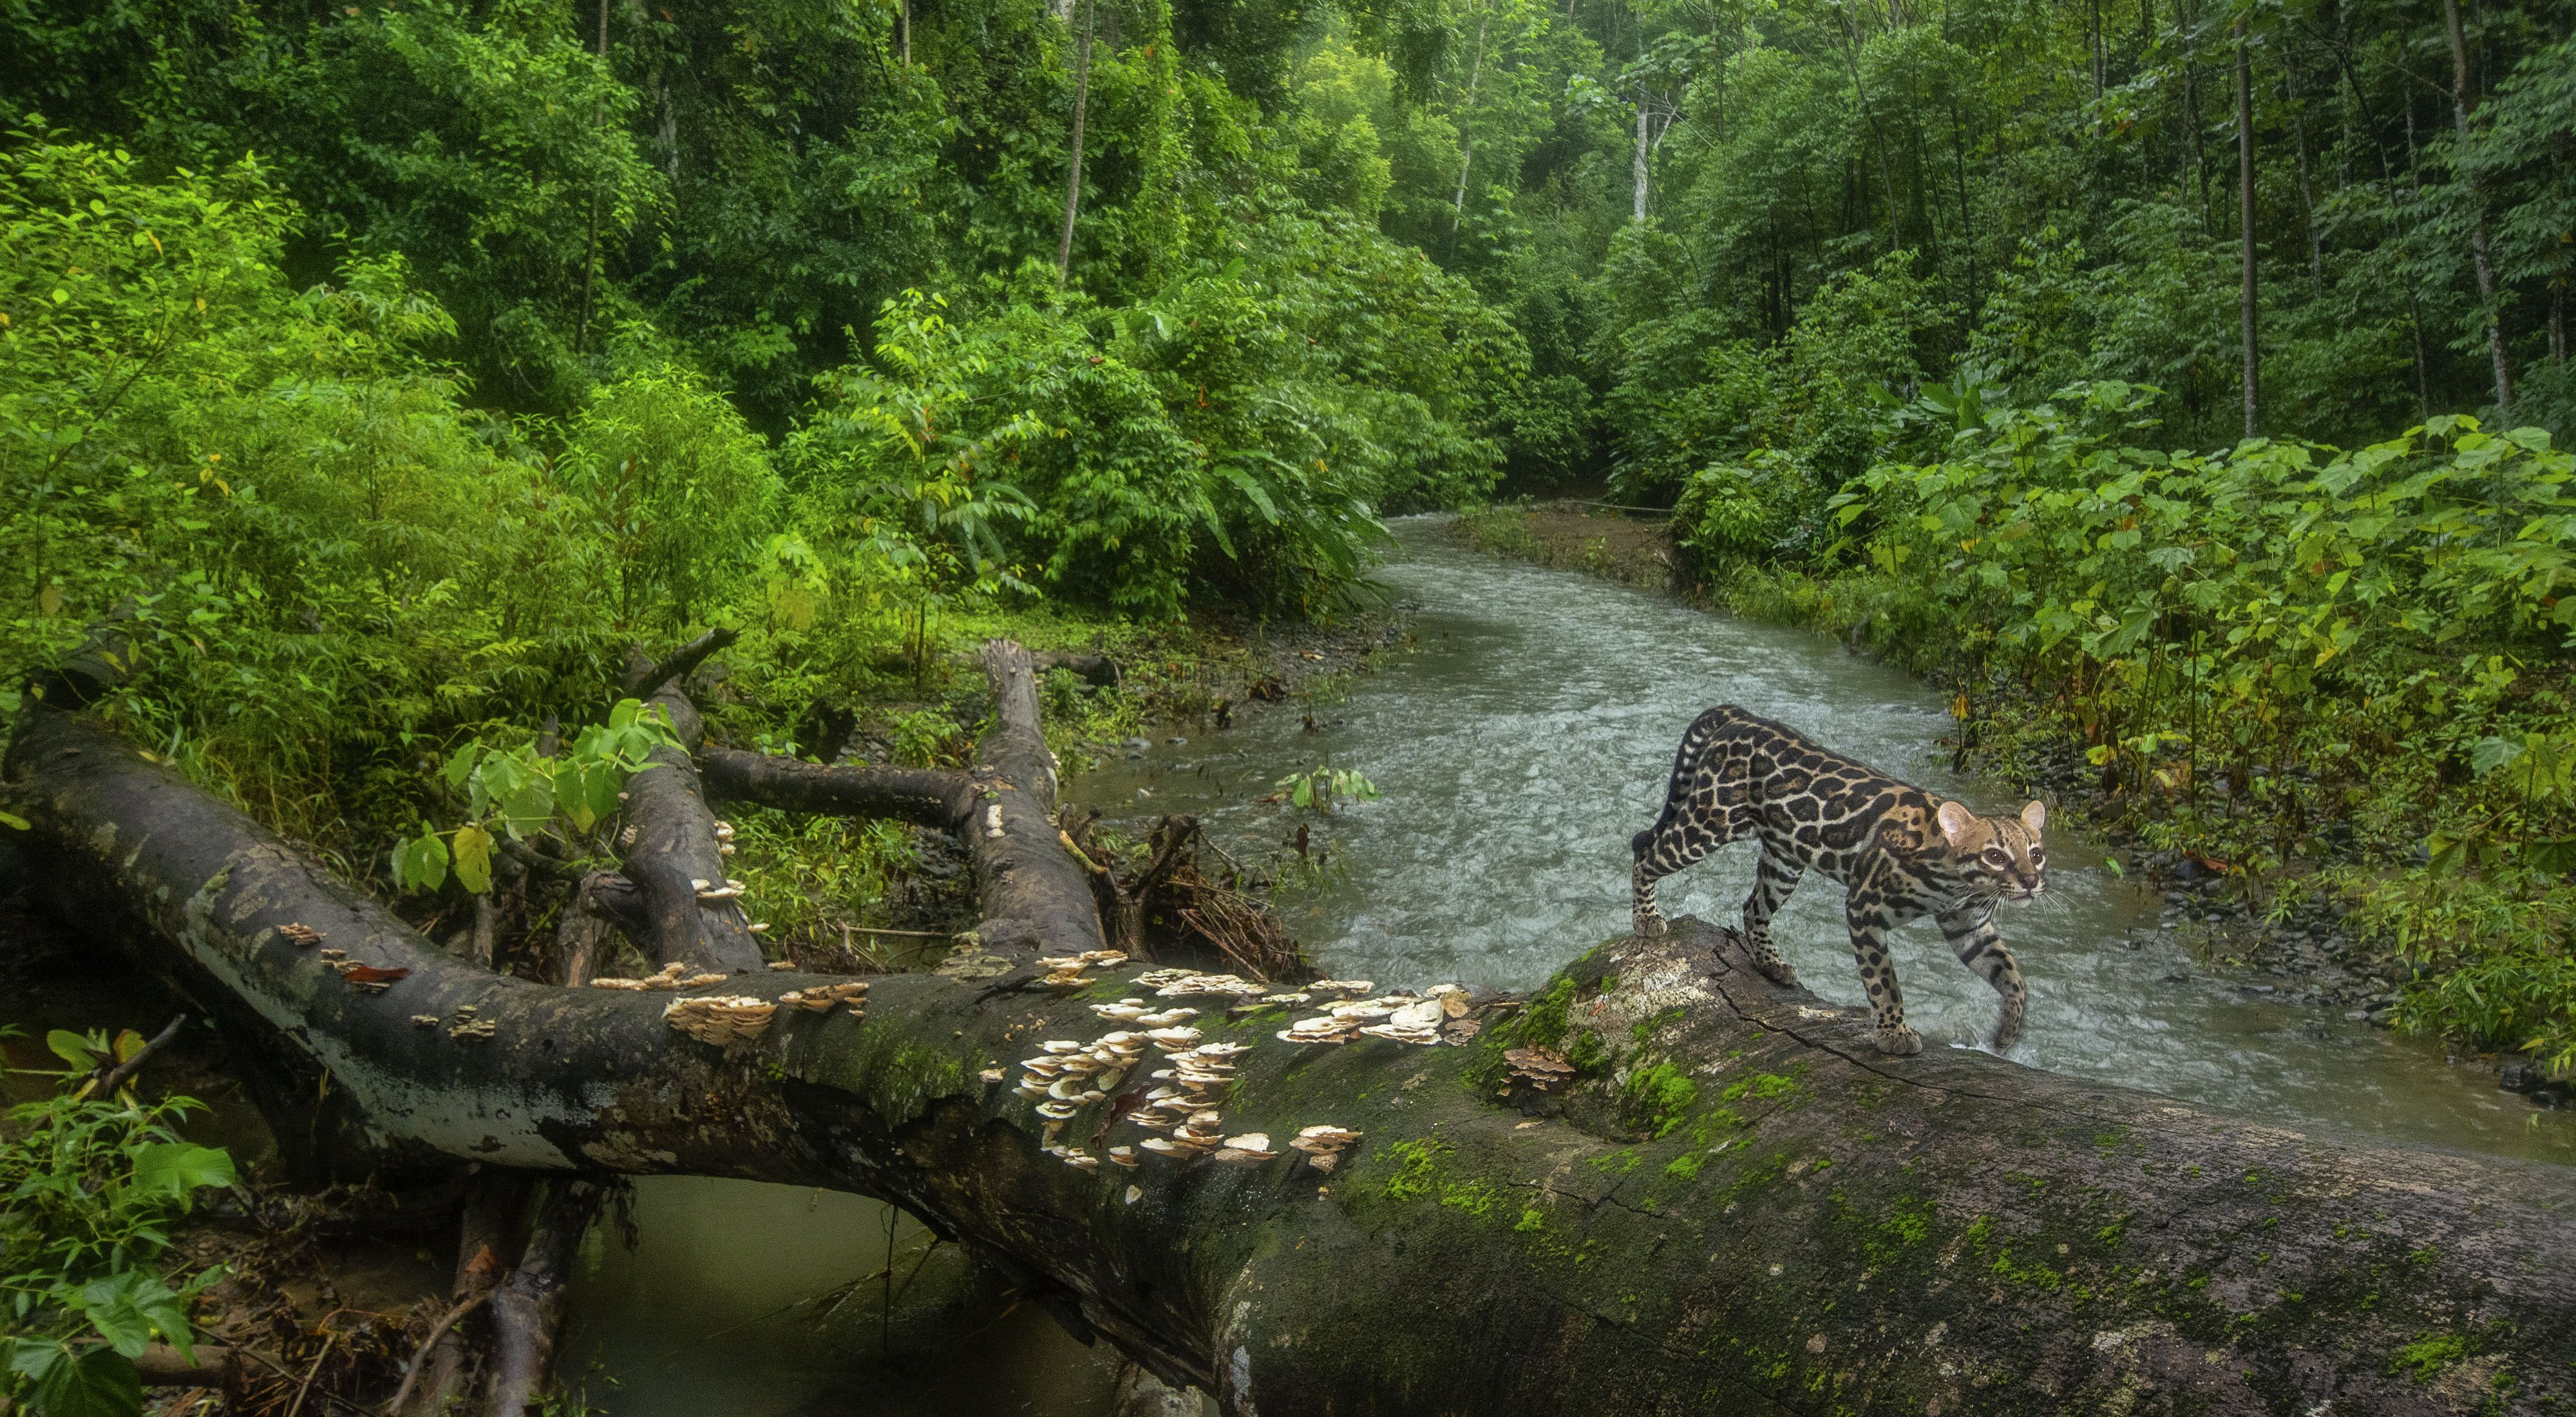 An ocelot uses a fallen tree to cross a creek in a forest